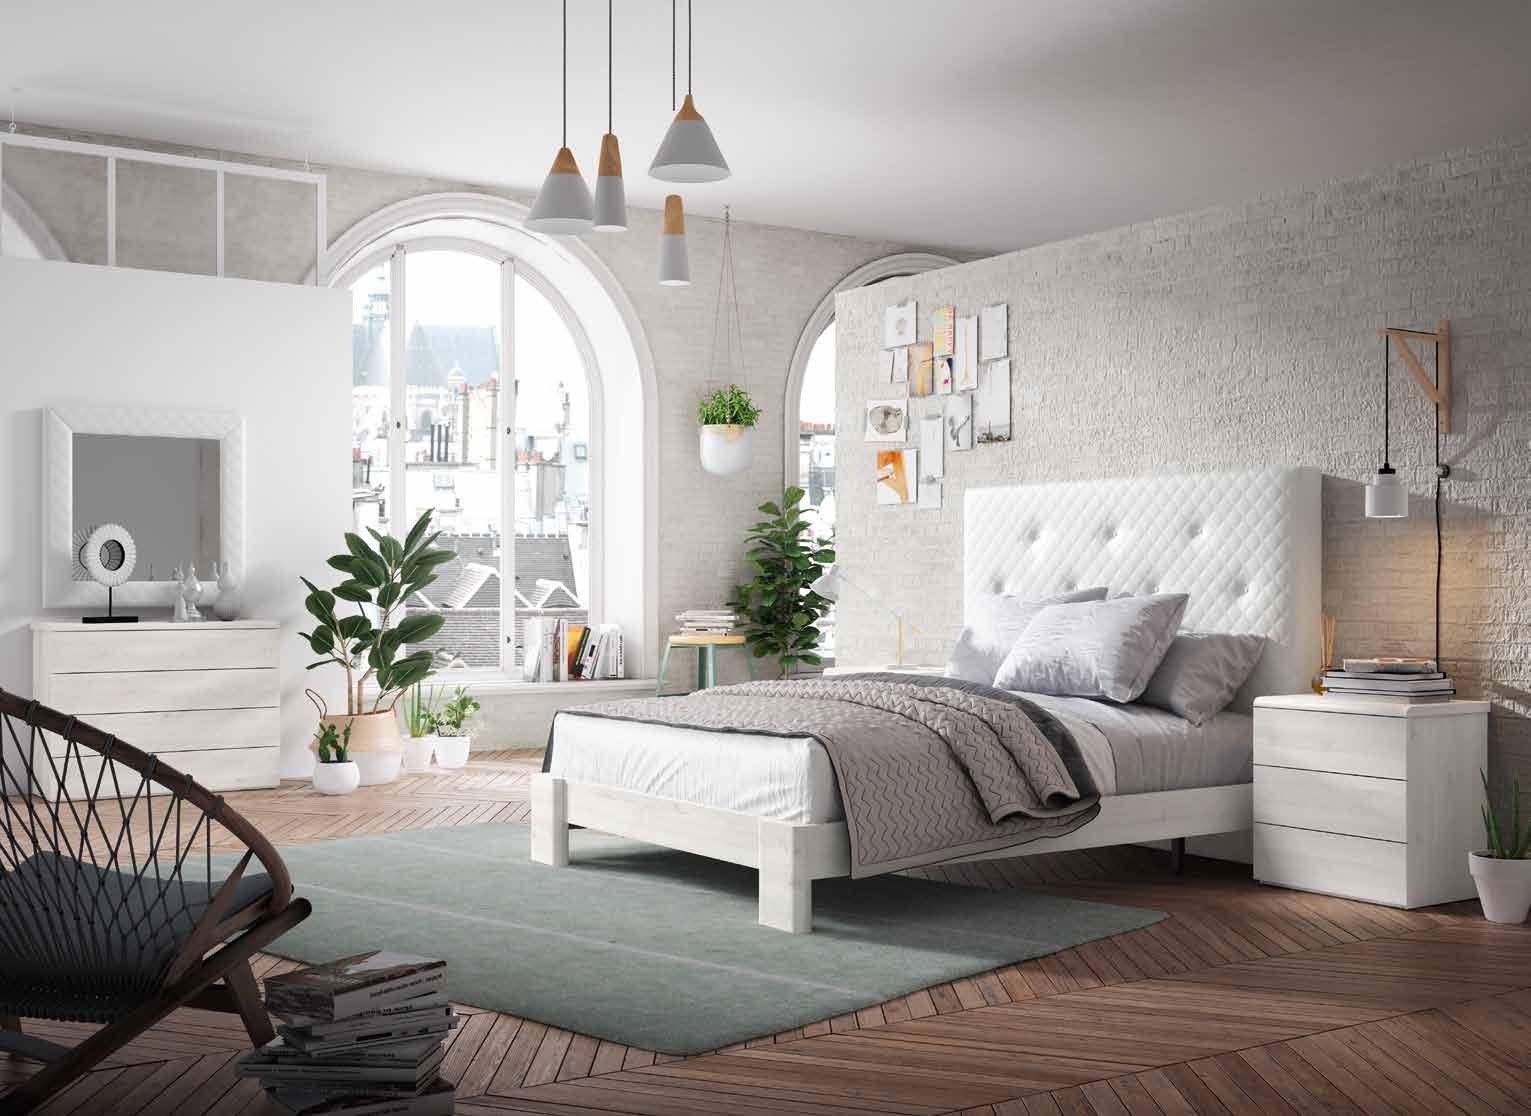 creta-dormitorio-tracia-43